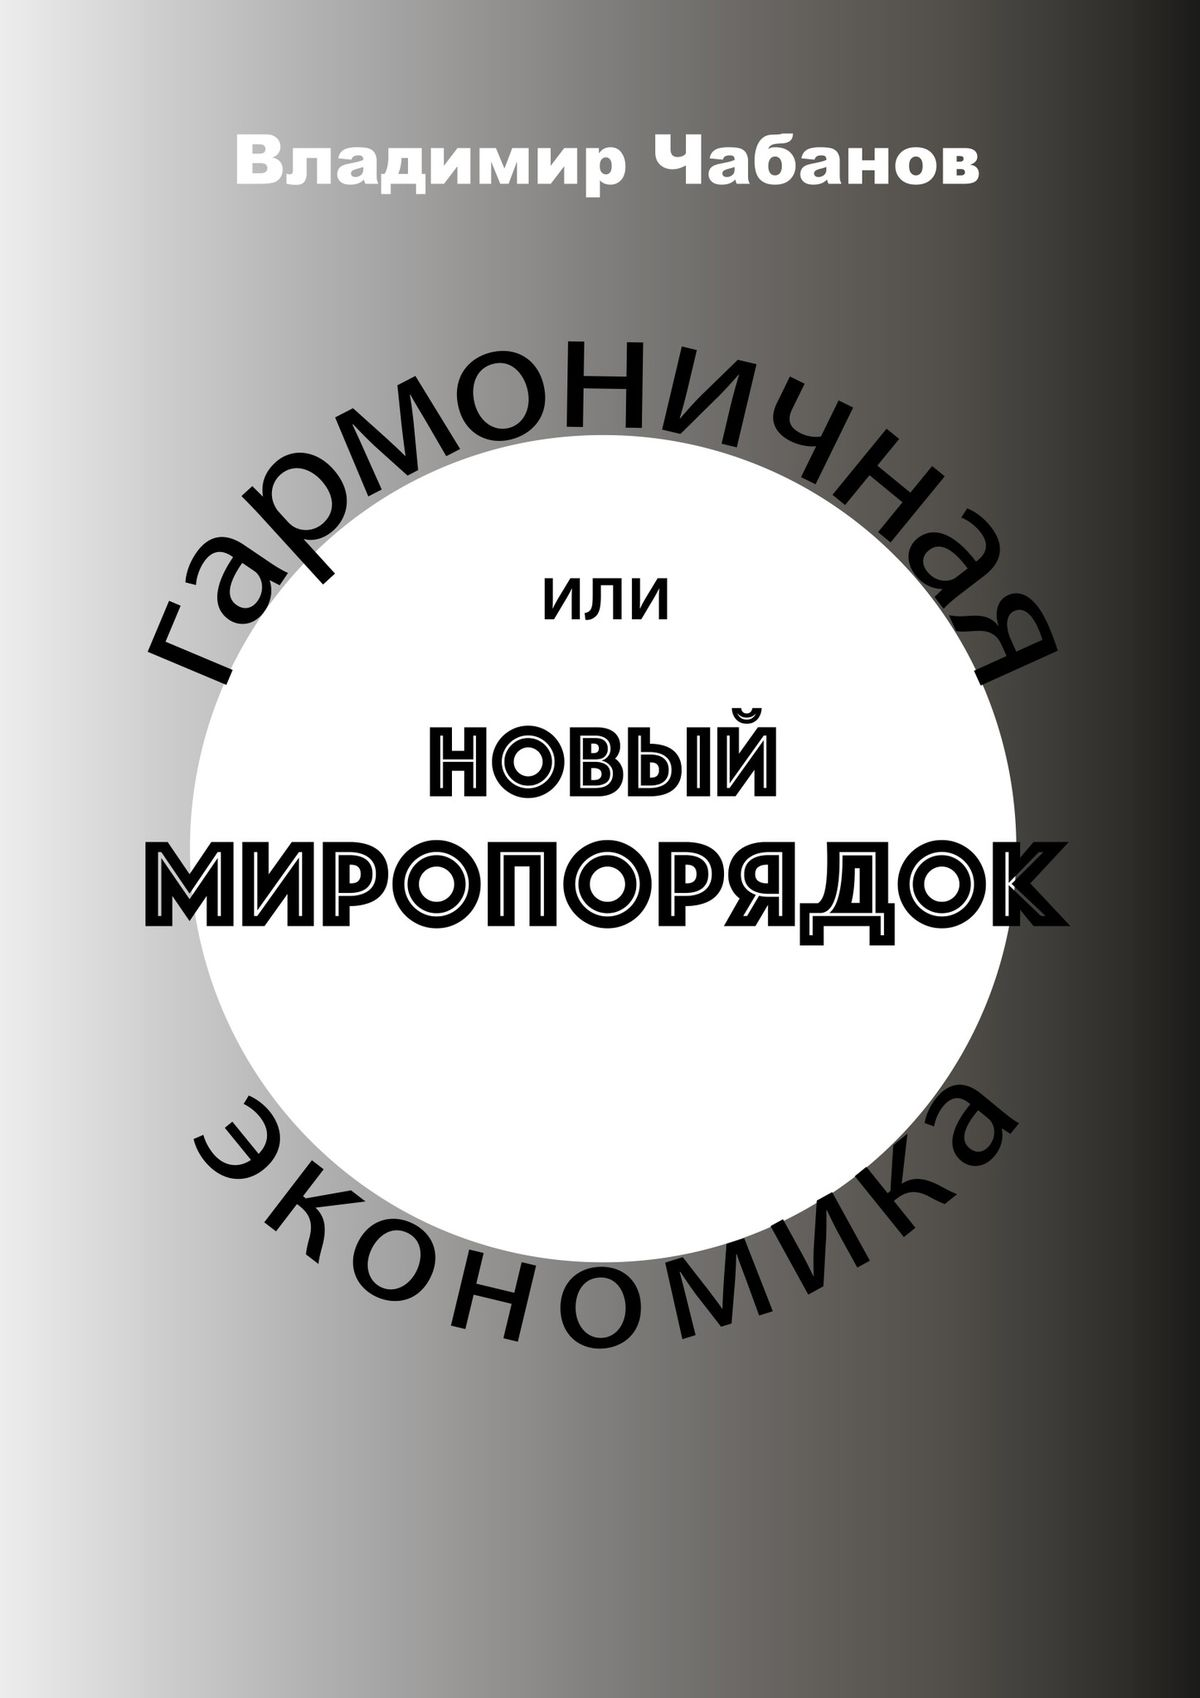 Владимир Чабанов Гармоничная экономика, или Новый миропорядок экономика